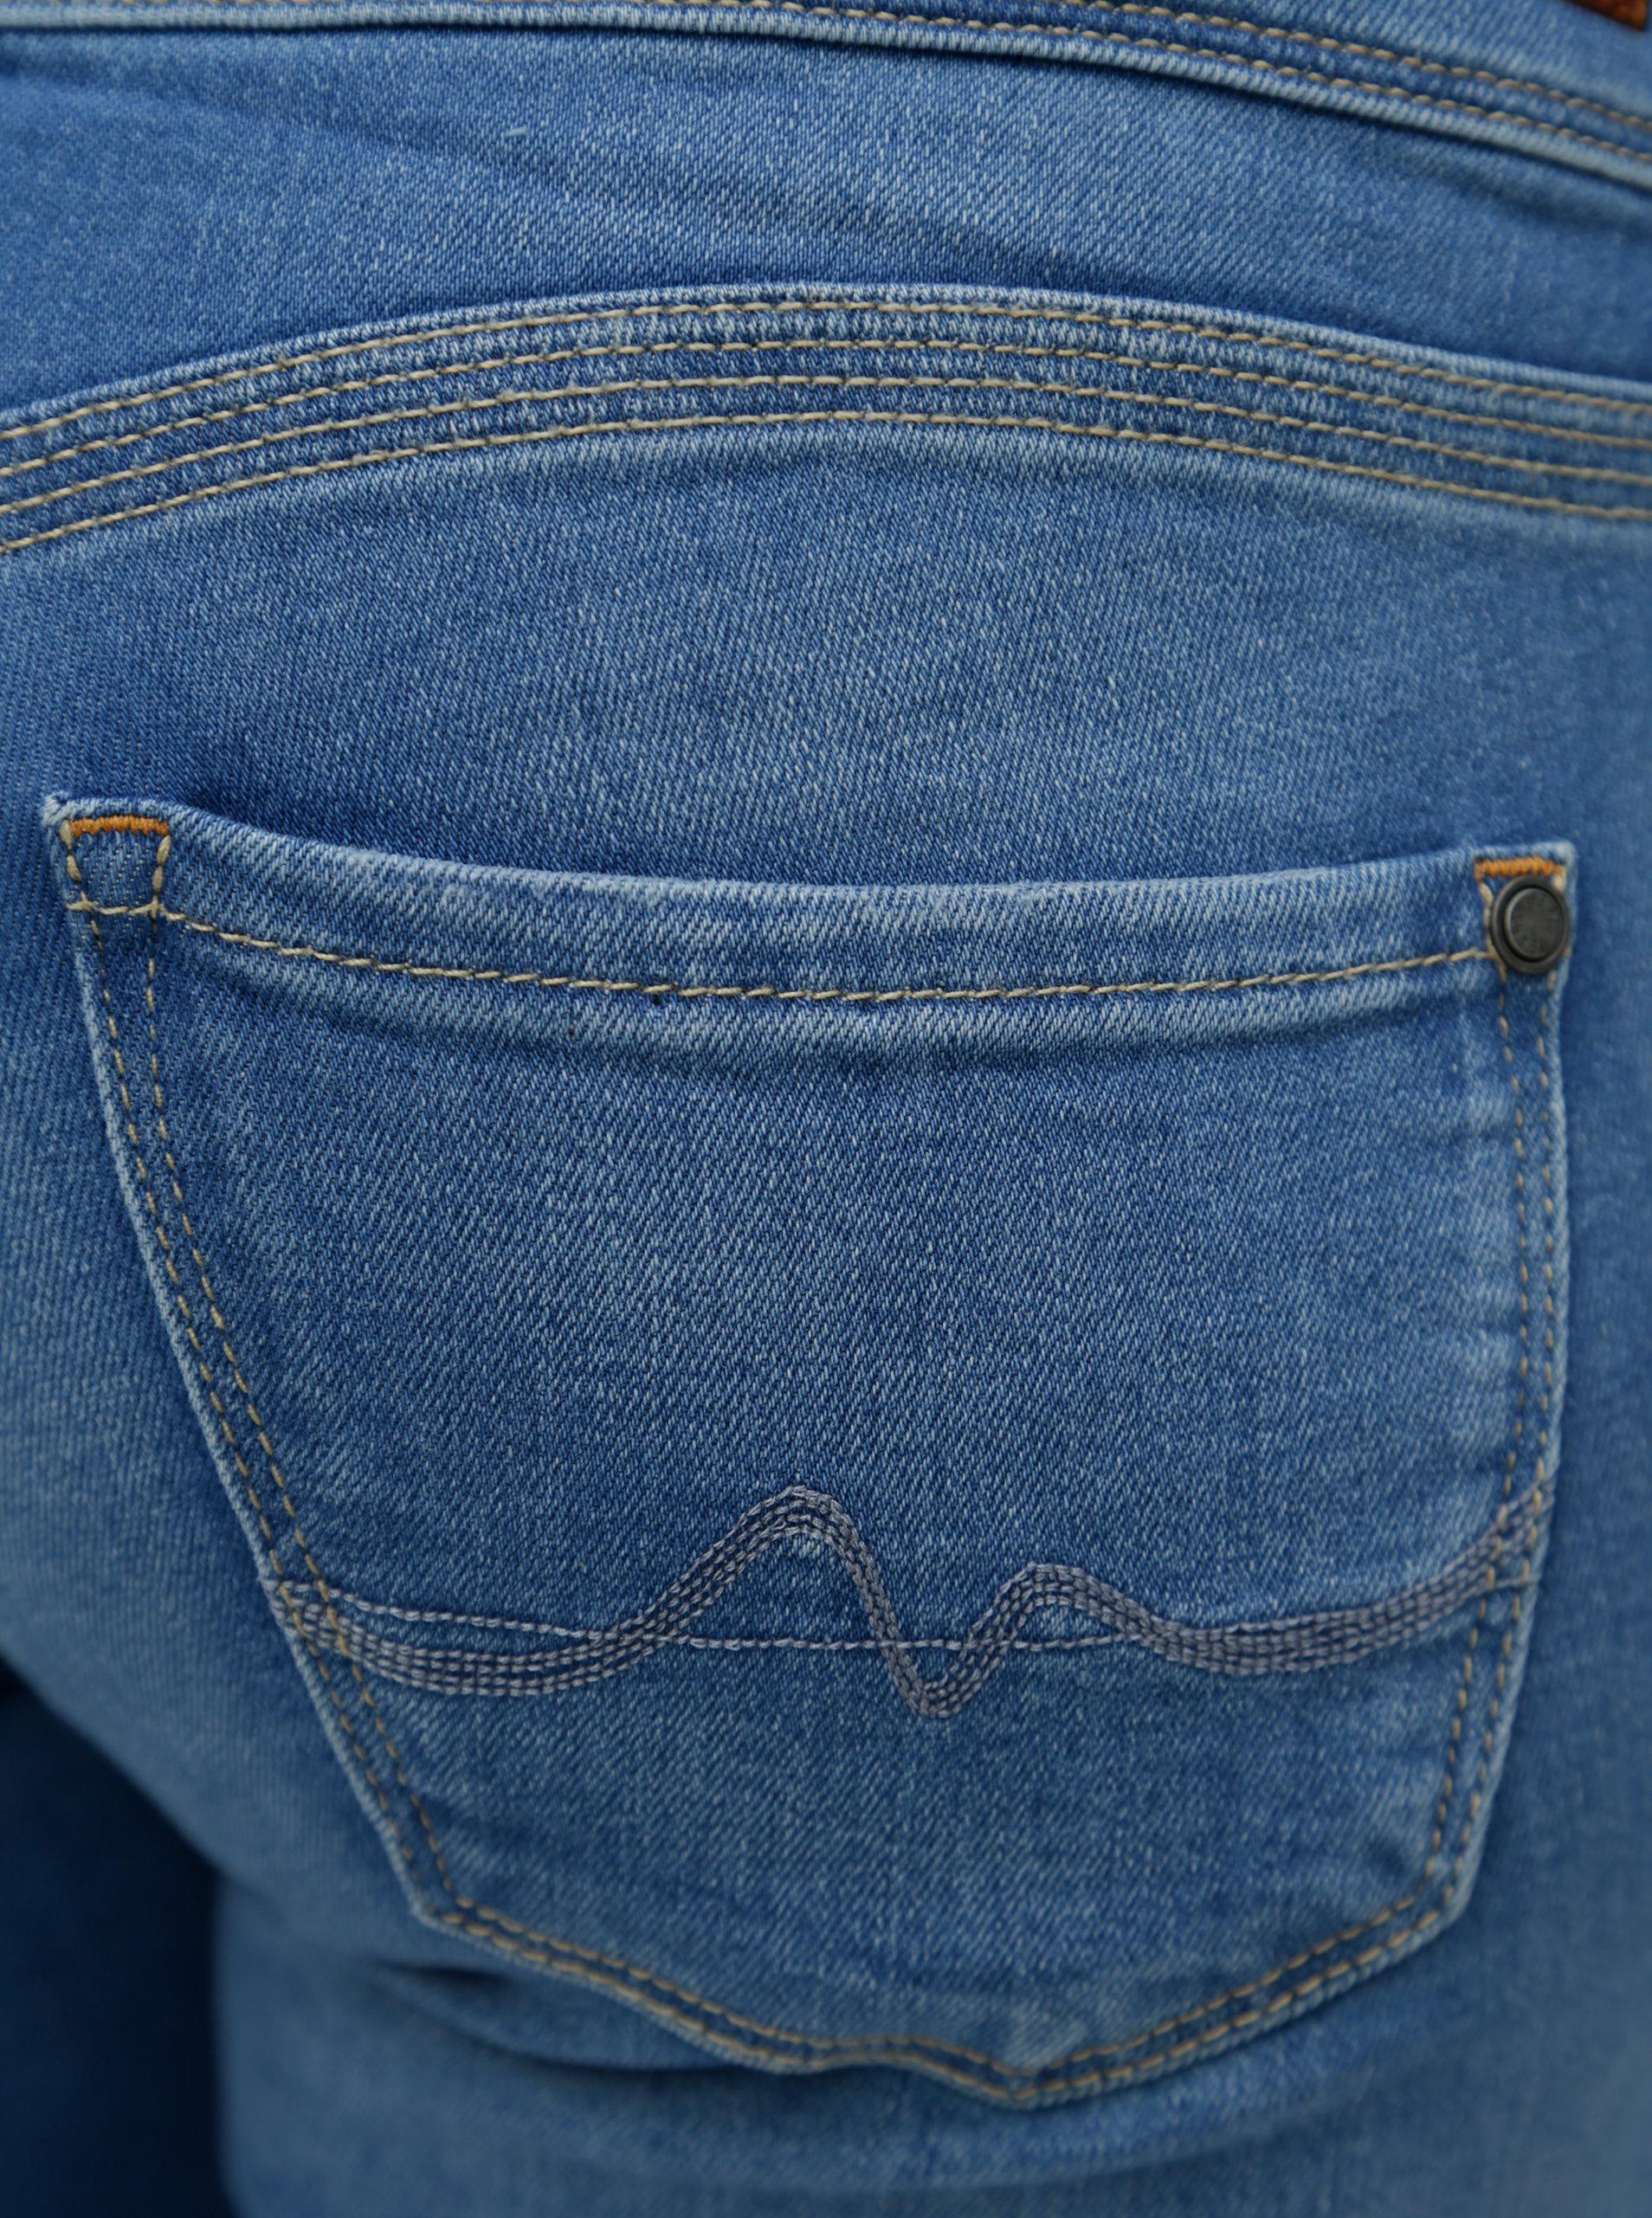 Modré dámské slim fit džíny s nízkým pasem Pepe Jeans Vera ... 46fabbfda7